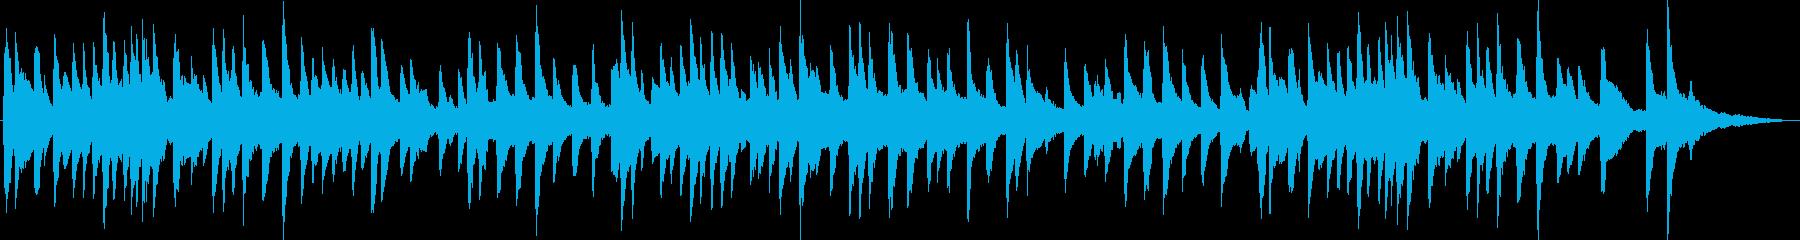 ジャズ風の明るいラウンジピアノの再生済みの波形